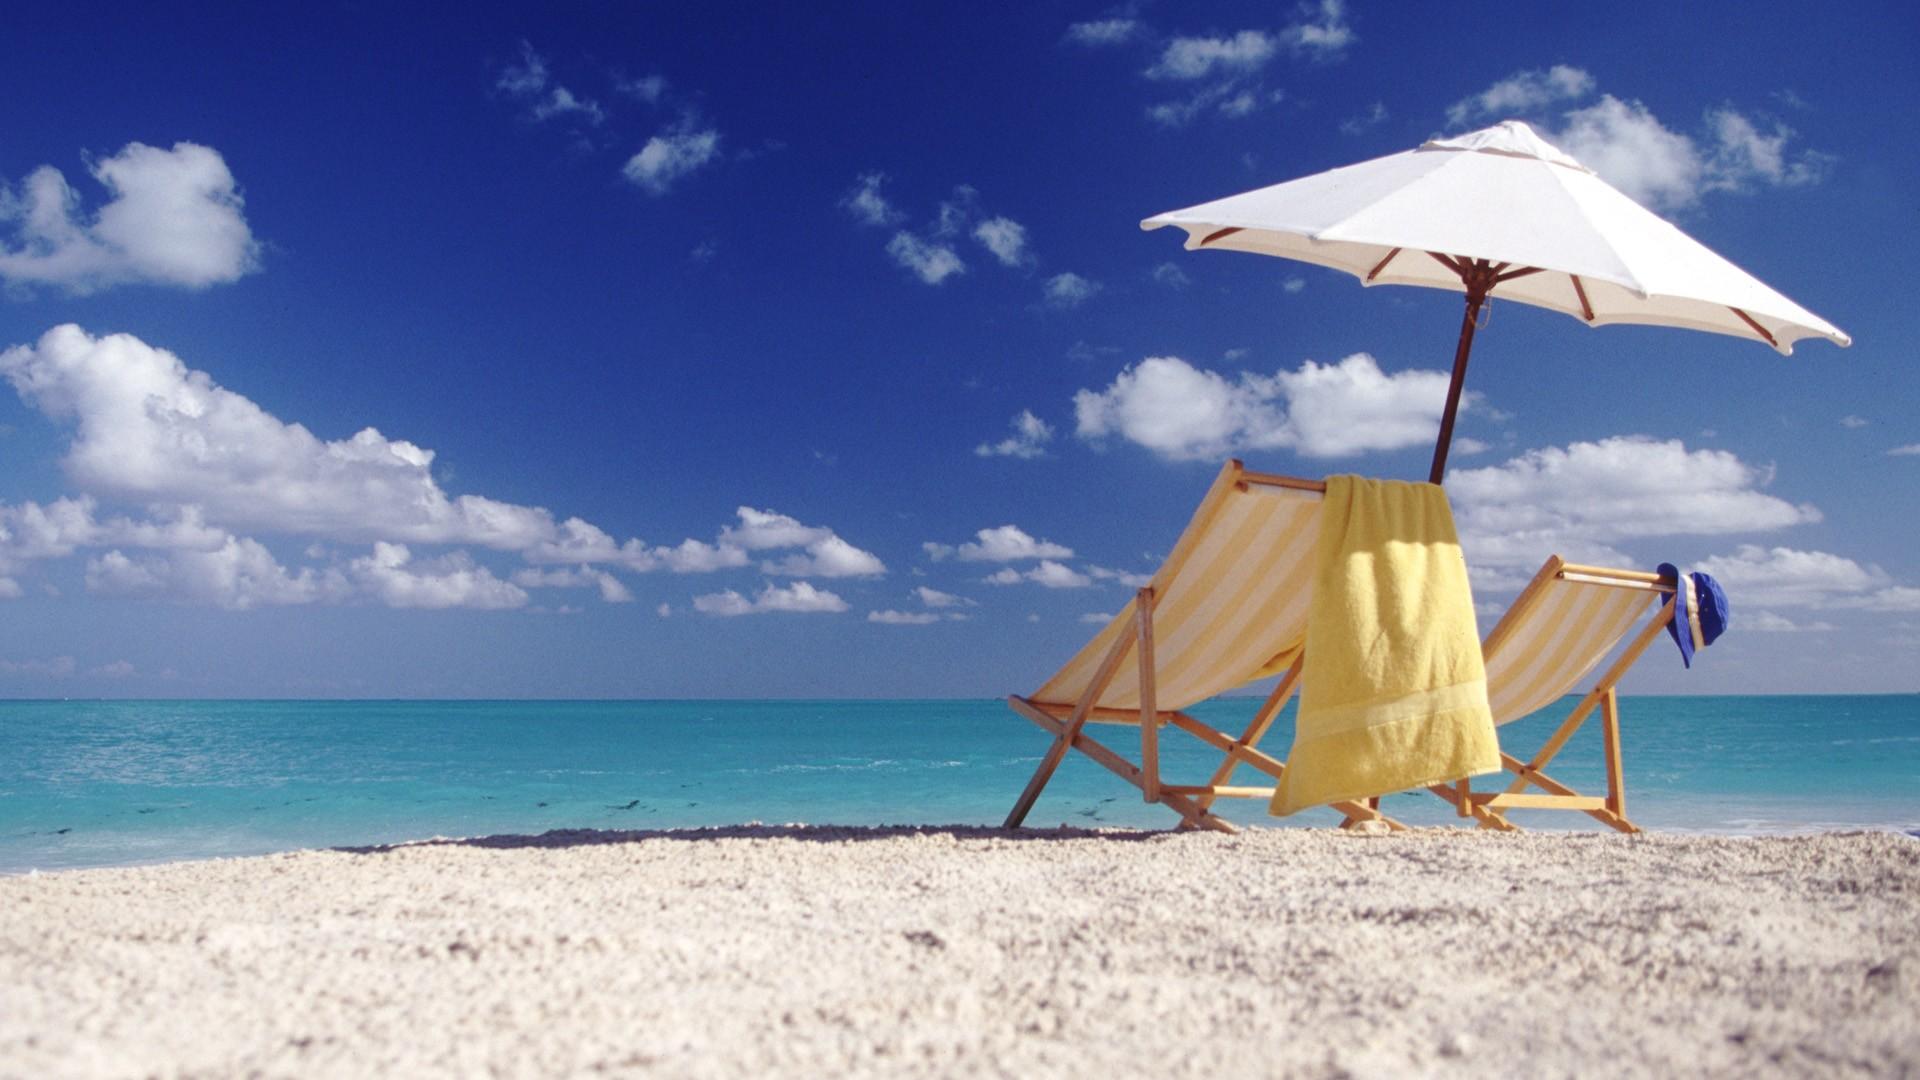 Пляж с желтыми зонтами  № 1497367 бесплатно